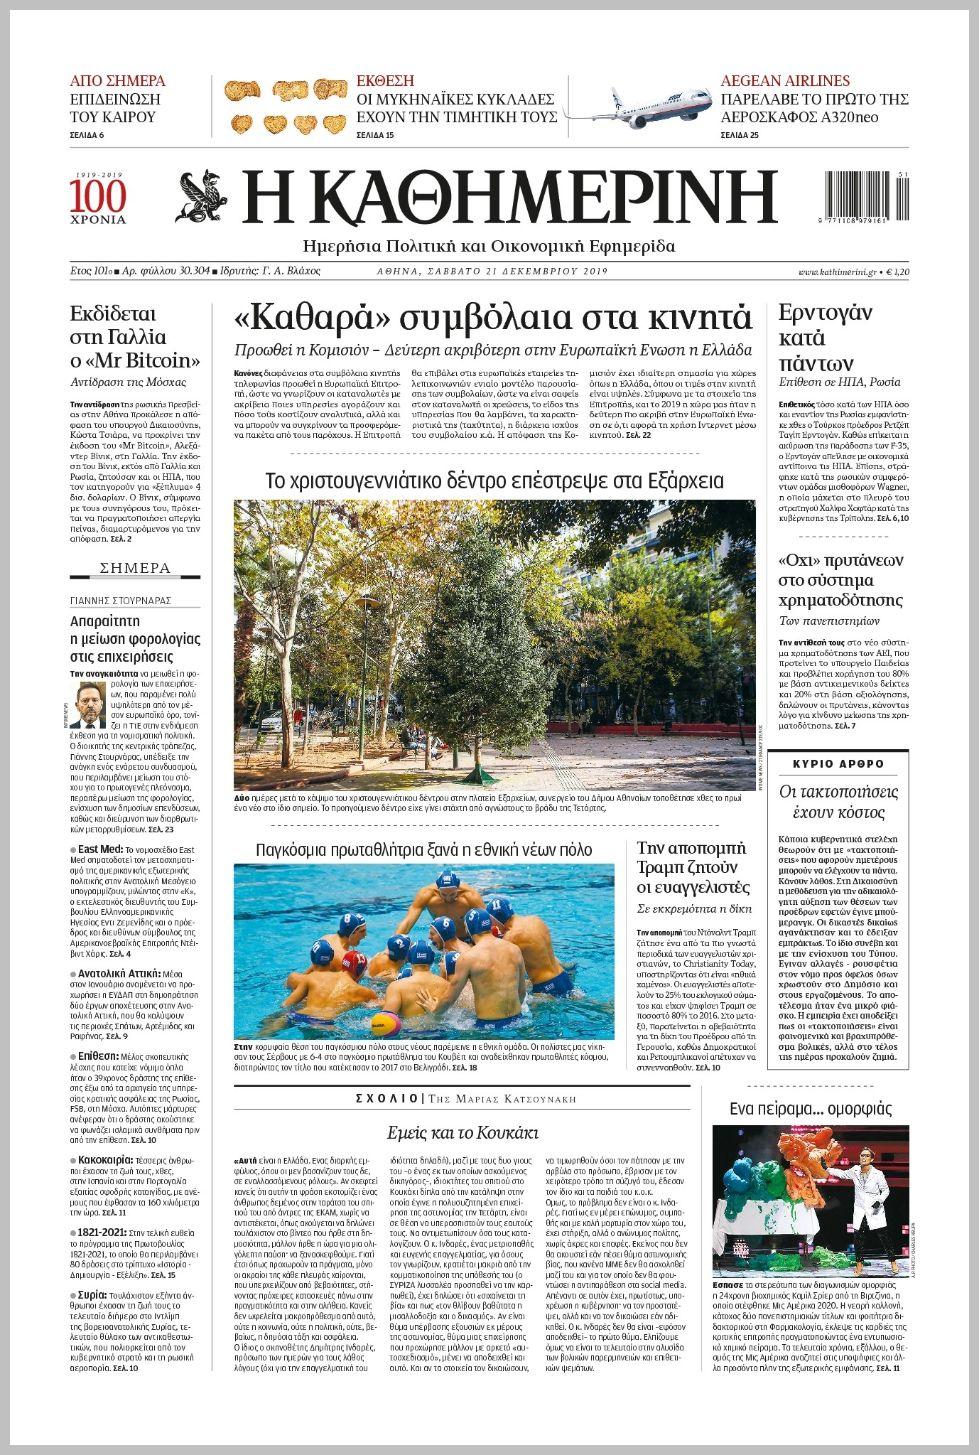 https://protoselida.24media.gr/images/2019/12/21/lrg/20191221_kathimerini_0343.jpg